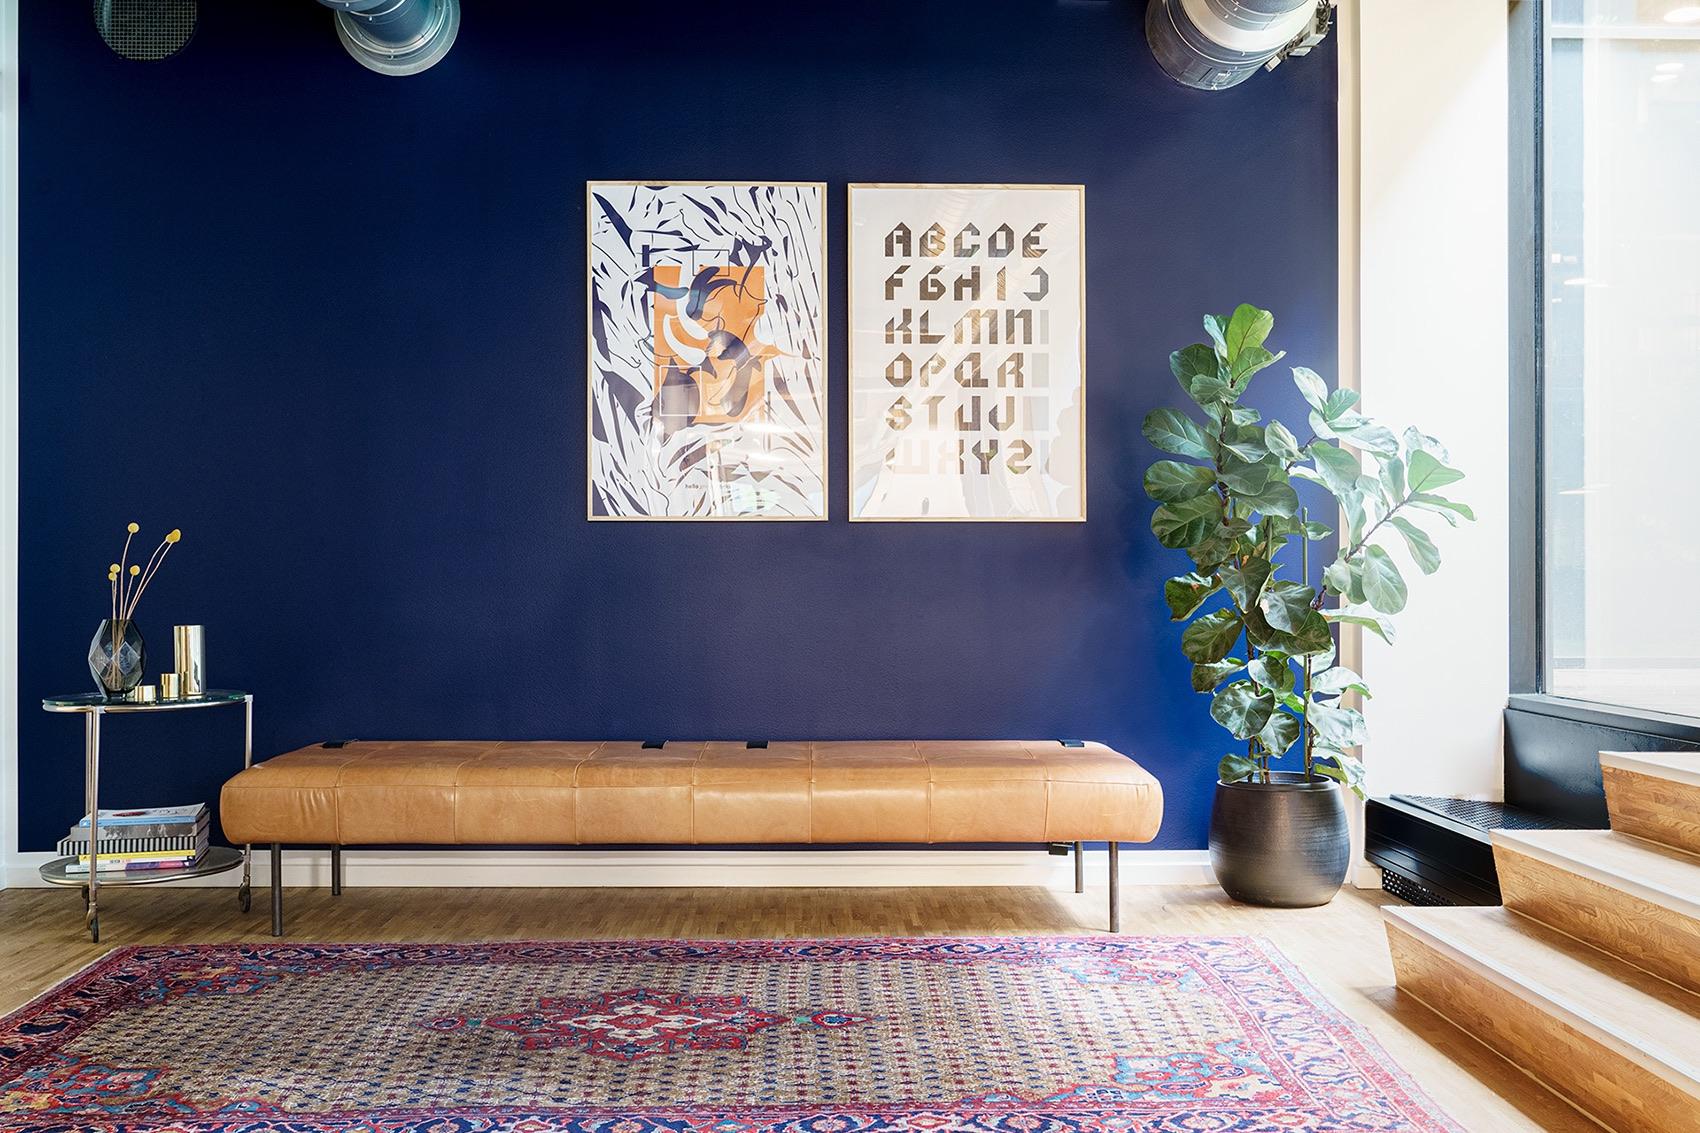 A Peek Inside Hello Great Works' New Copenhagen Office